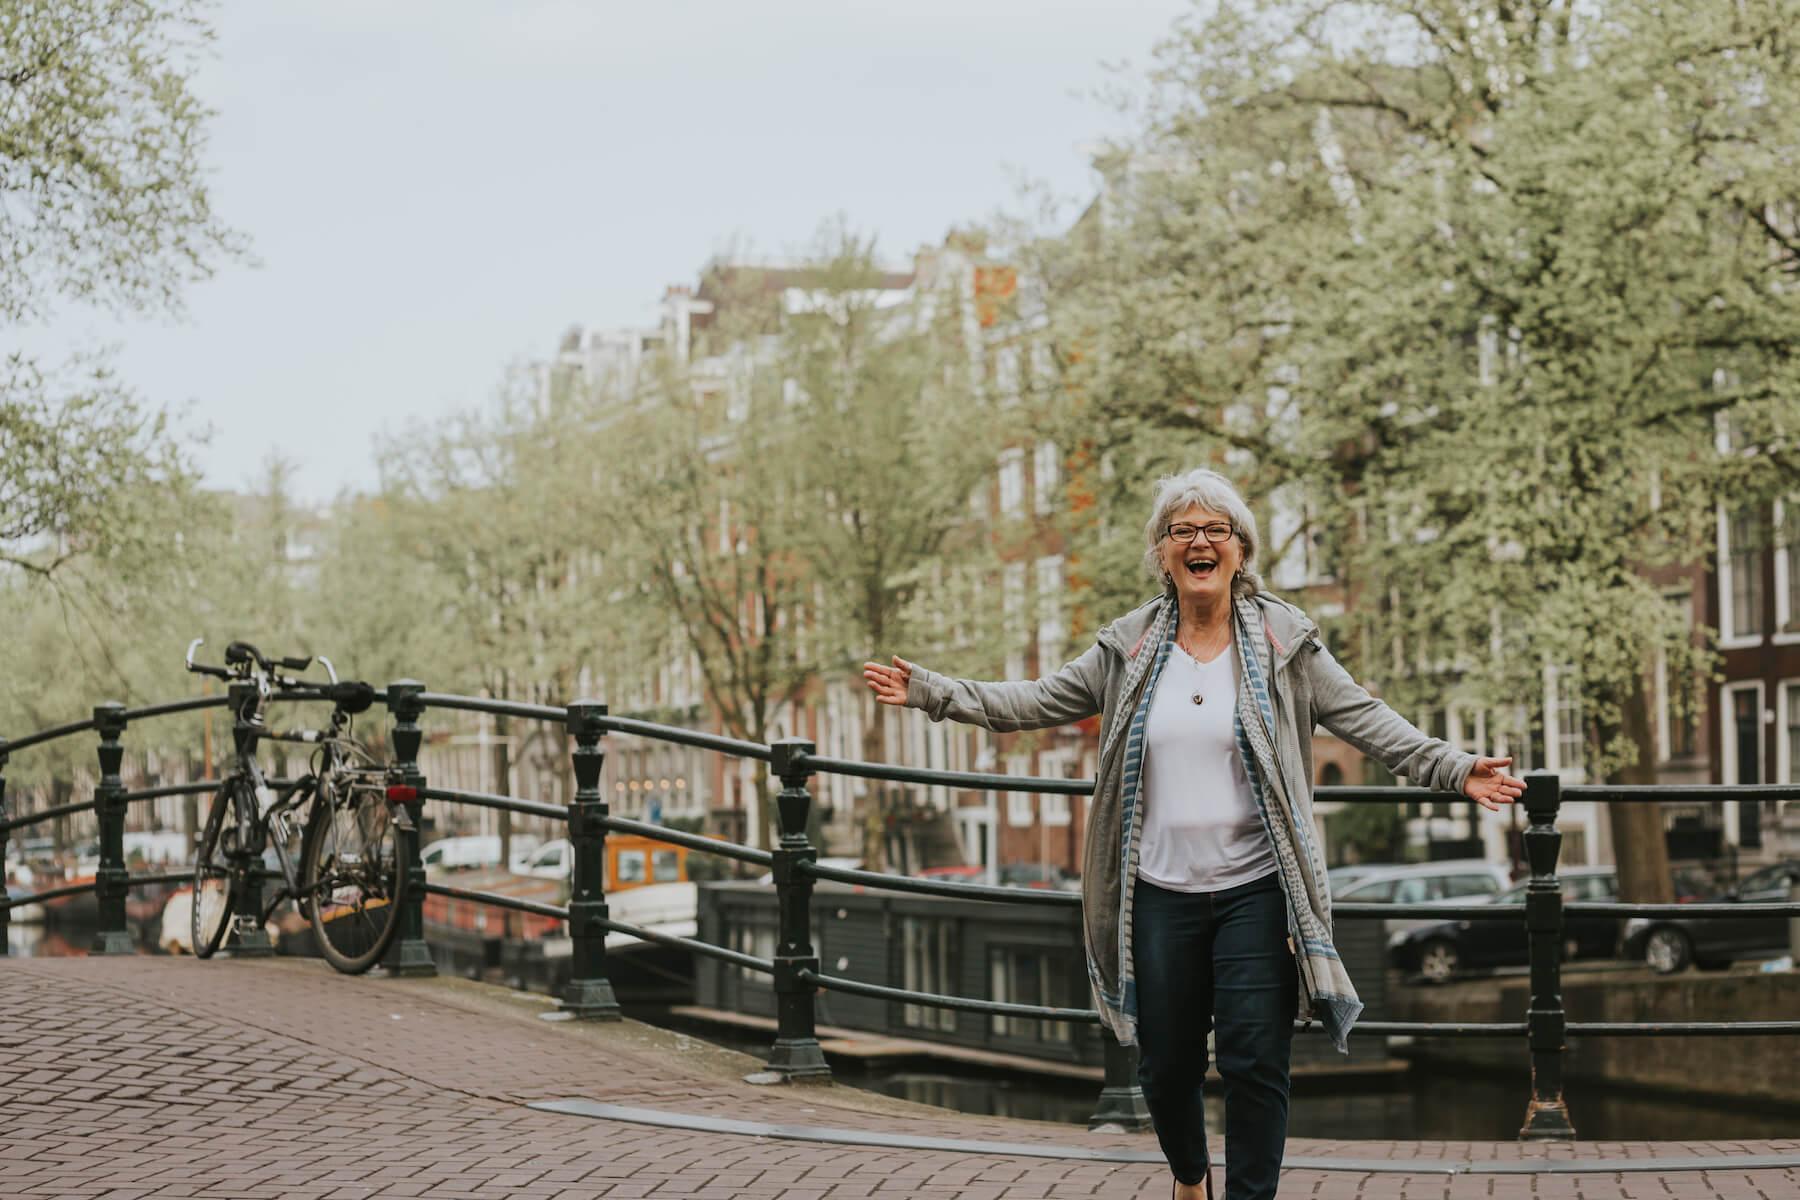 Solo female traveller international women's day Amsterdam Netherlands